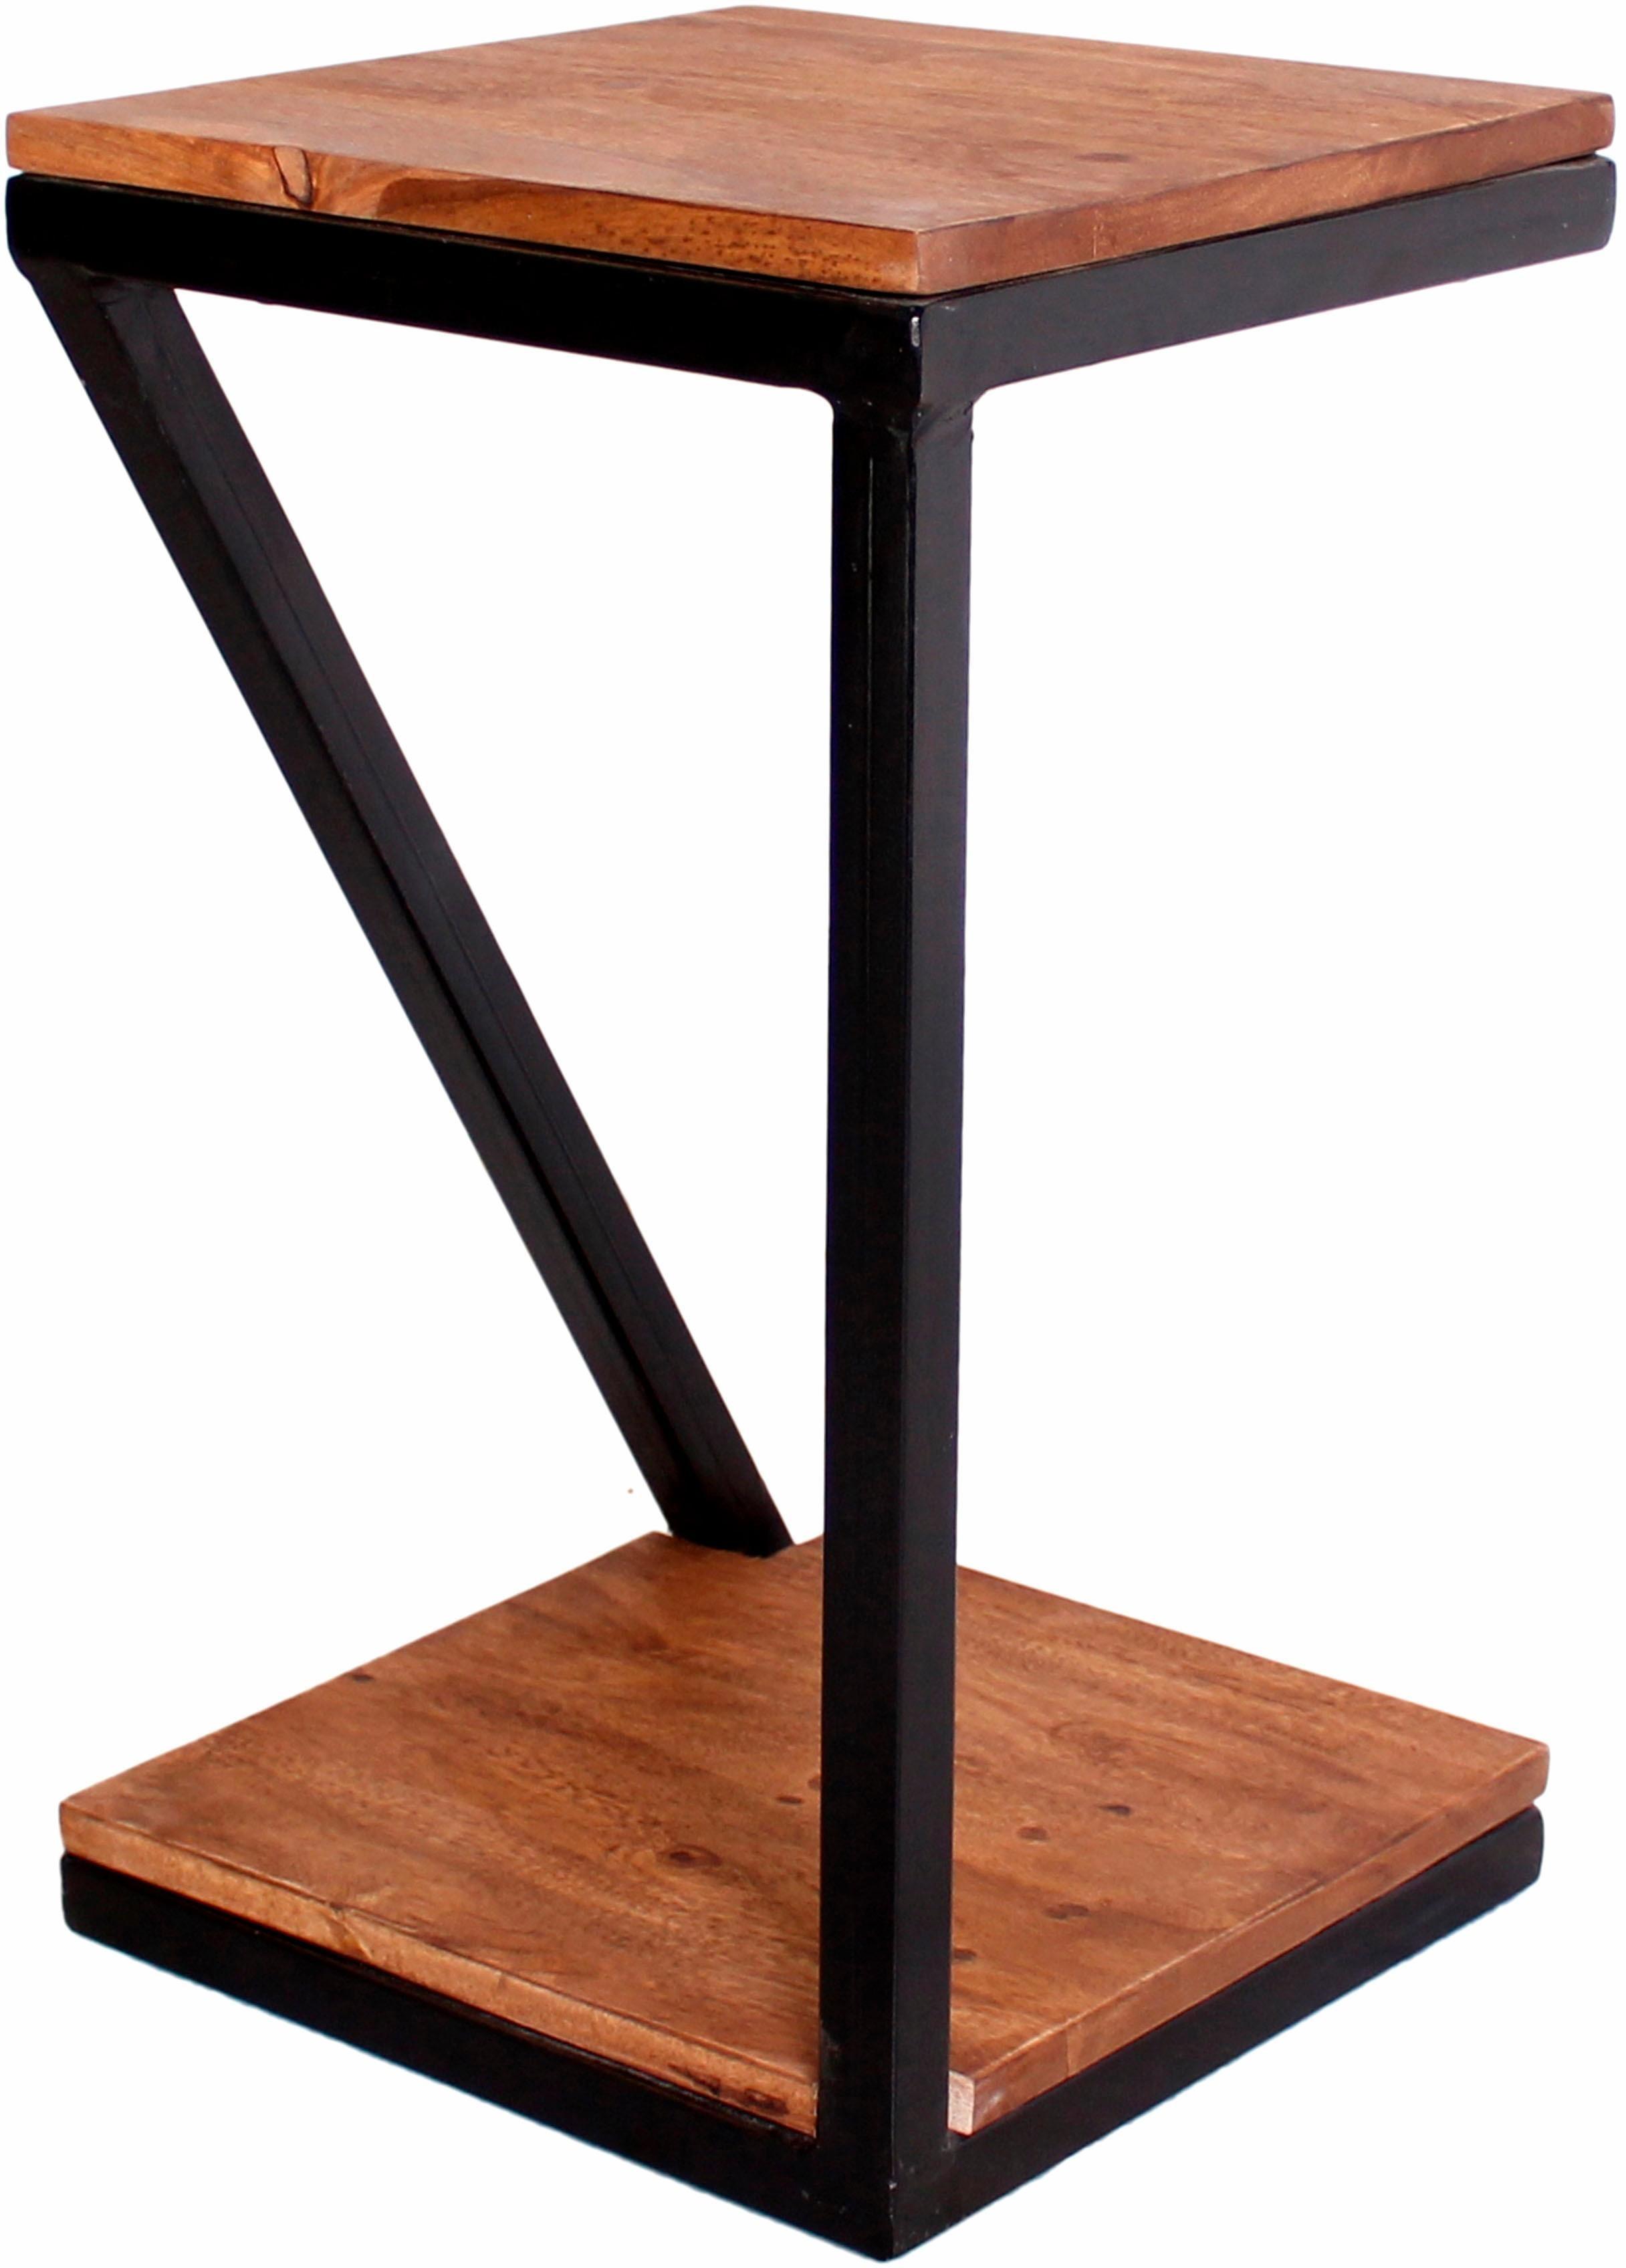 SIT Beistelltisch Panama, aus Metall & Massivholz braun Beistelltische Tische